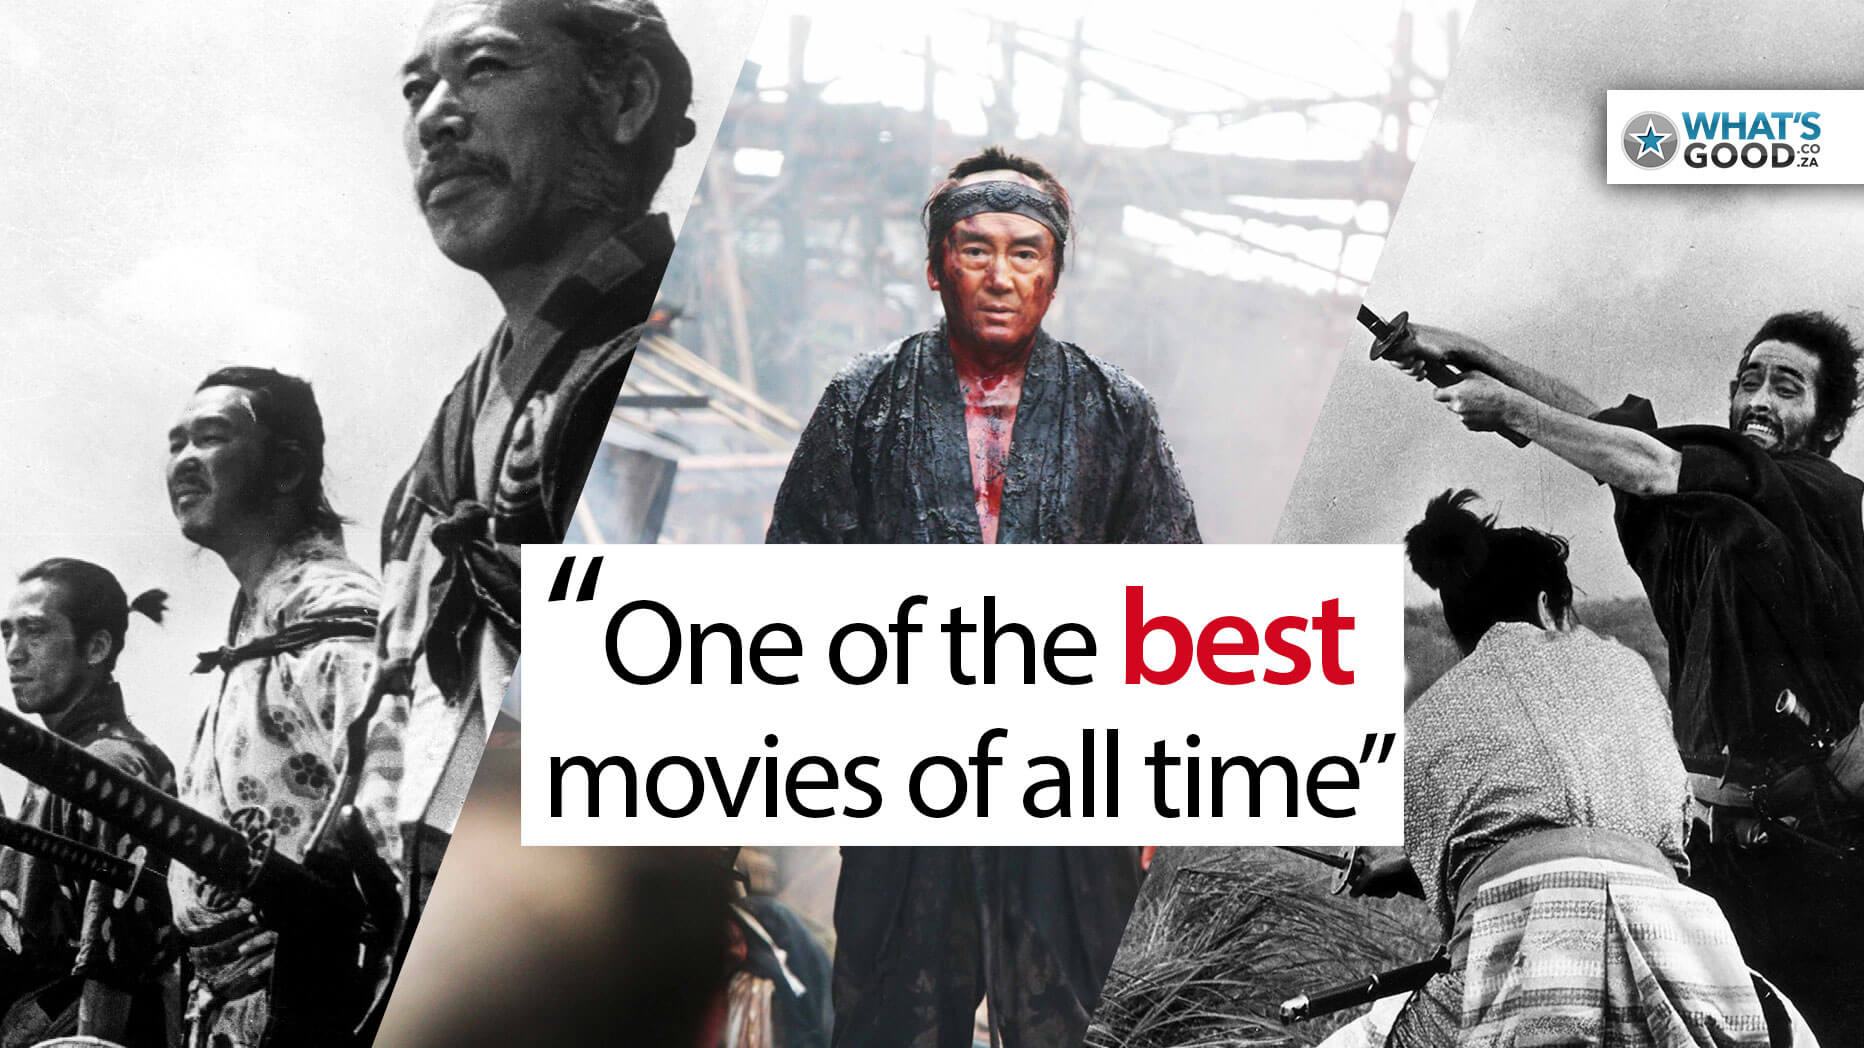 Samurai Movie Posters Headers for Seven Samurai, 13 Assassins, Hara Kiri